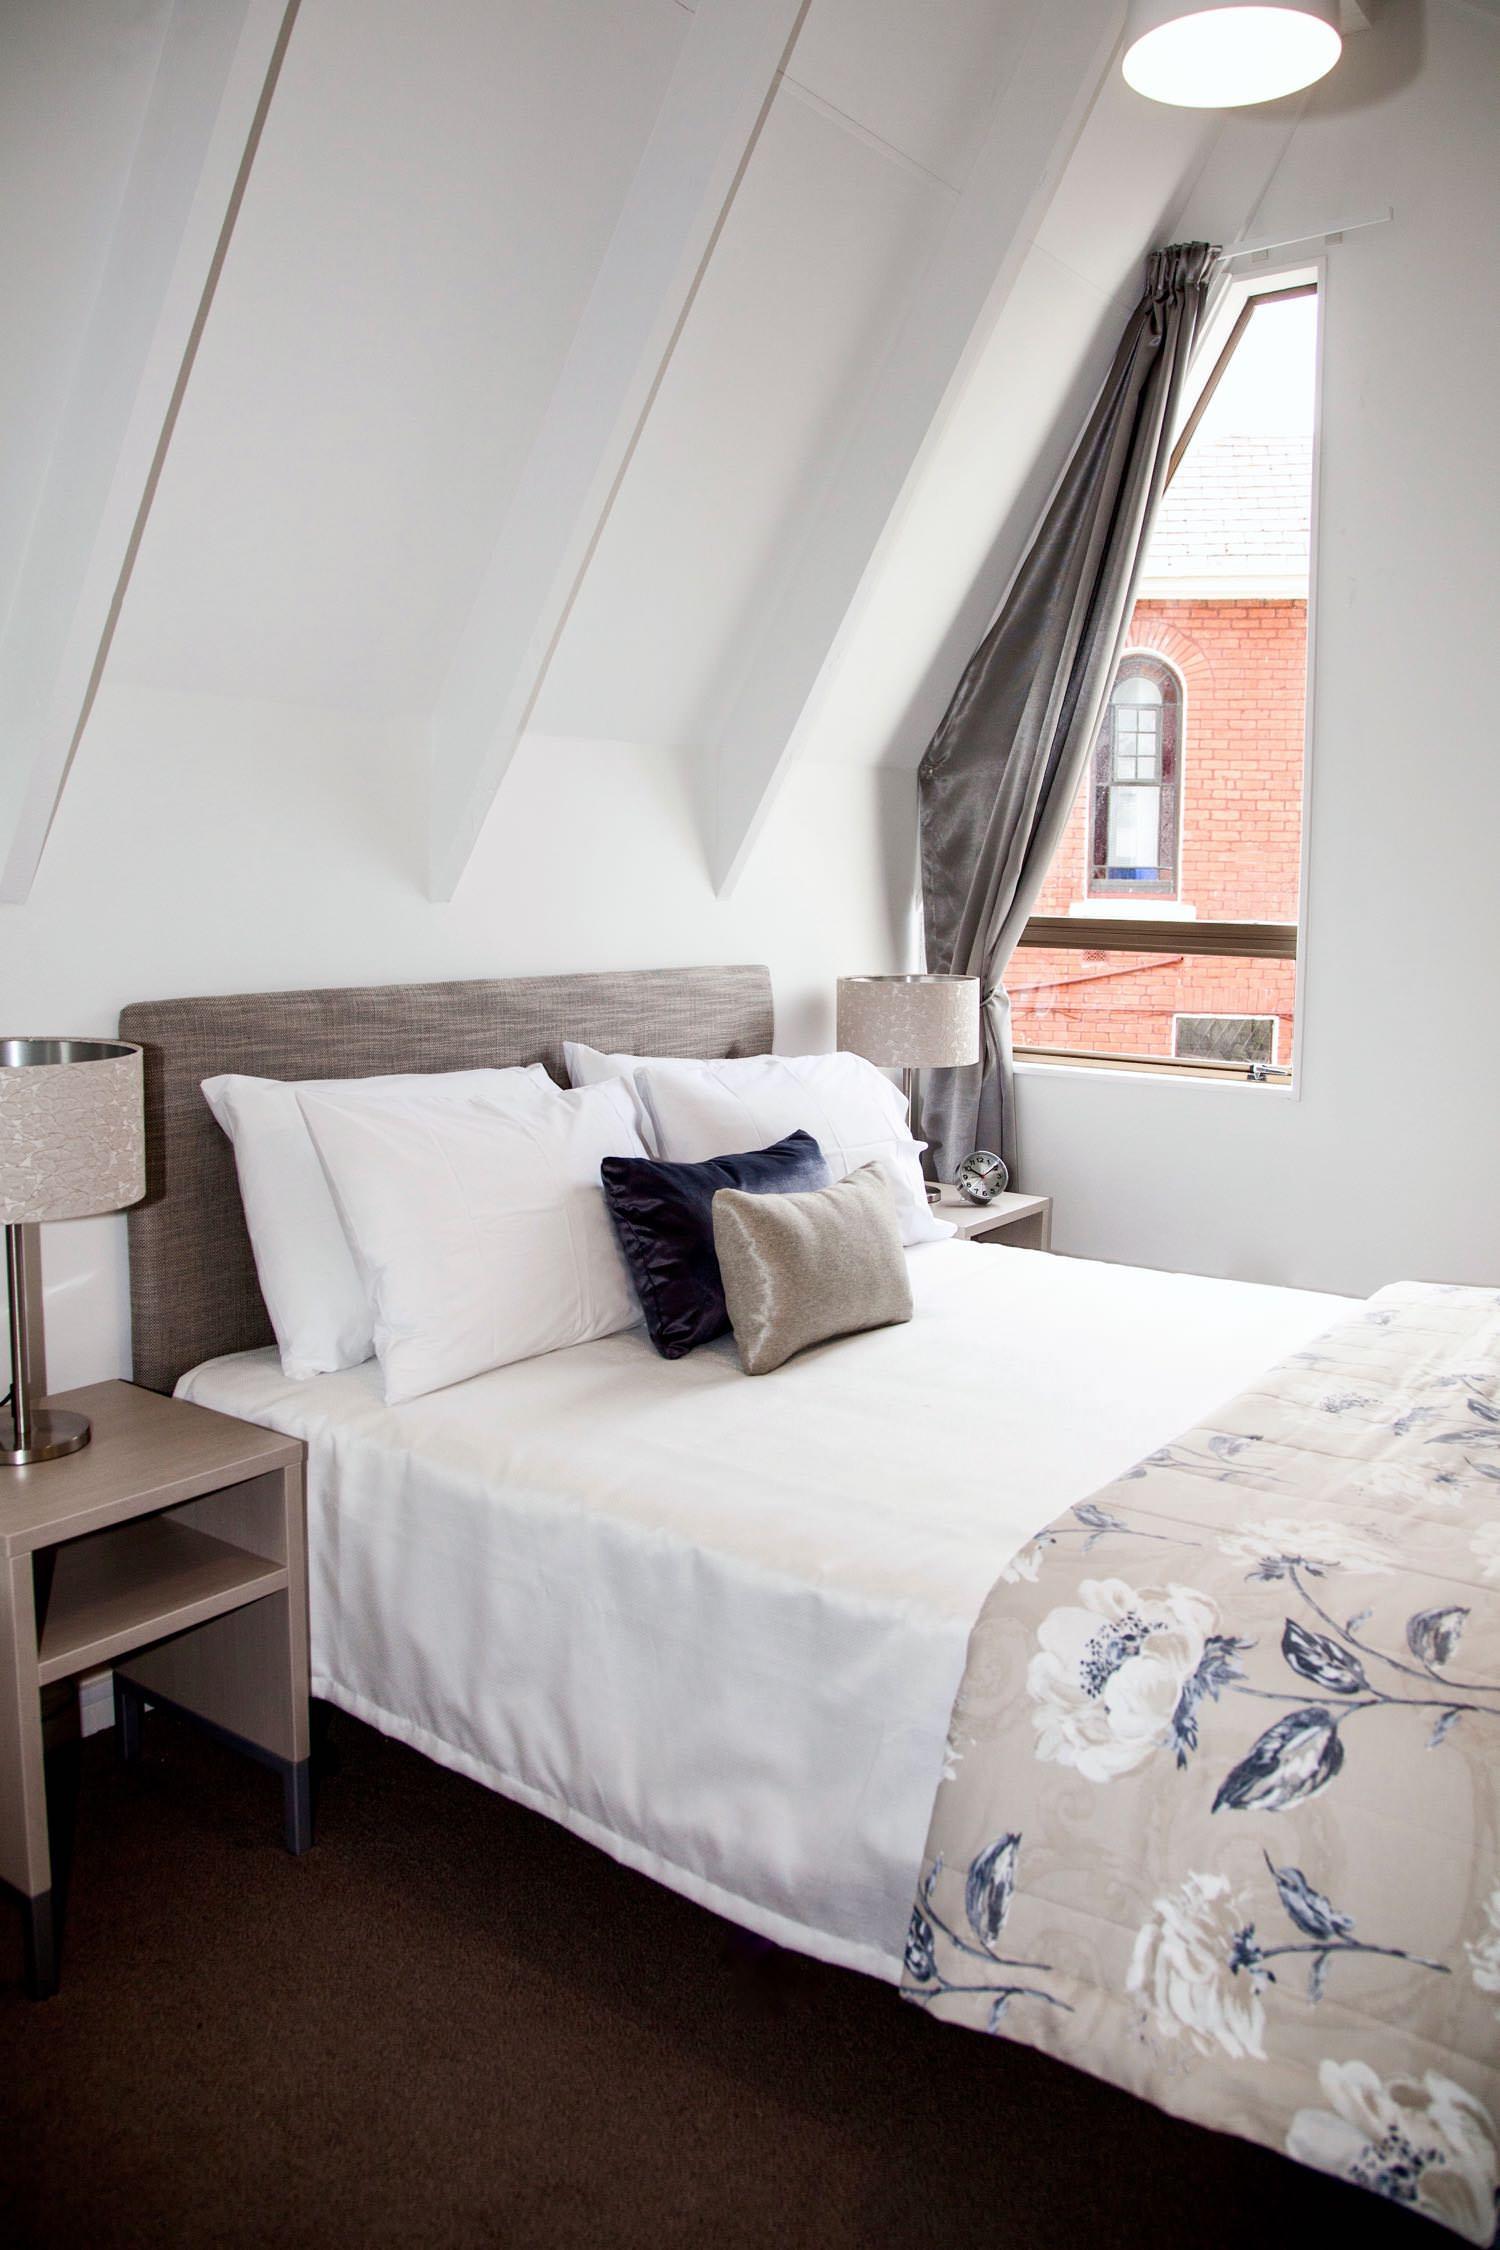 mezzanine - queen bed